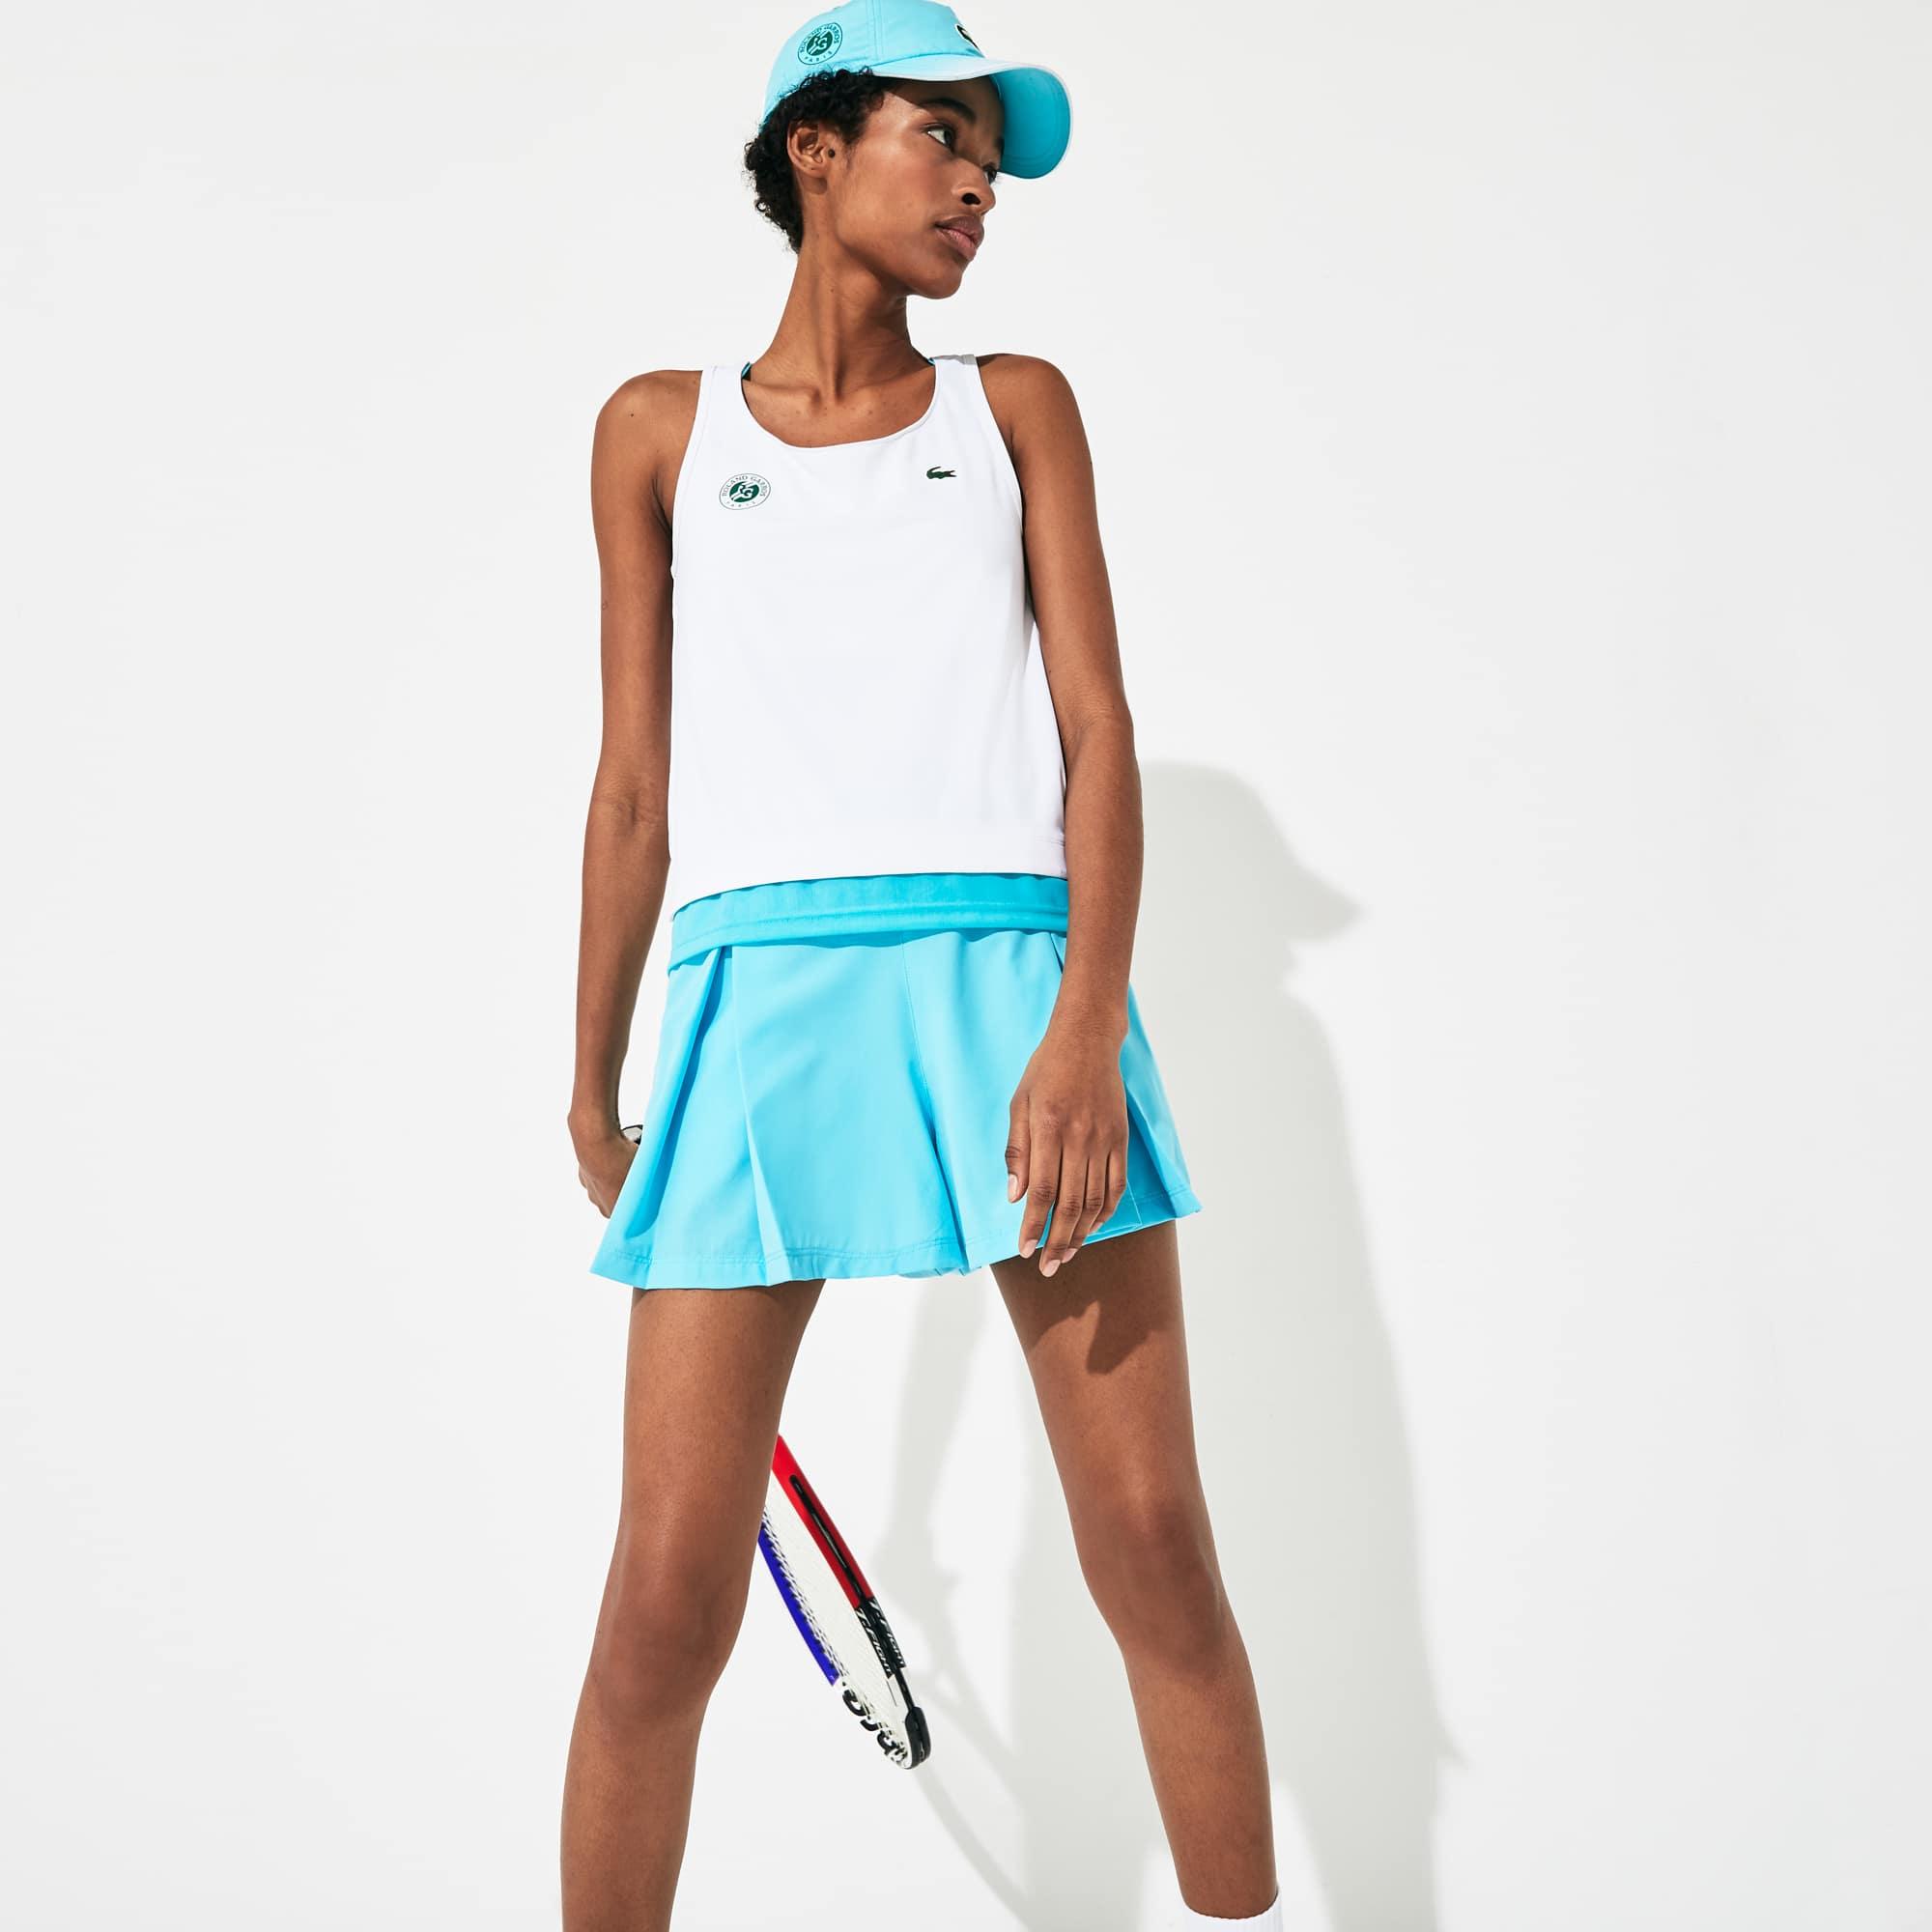 라코스테 스포츠 '롤랑가로스 에디션' 퍼포먼스 탱크탑 Lacoste Womens SPORT Roland Garros Performance Tank Top